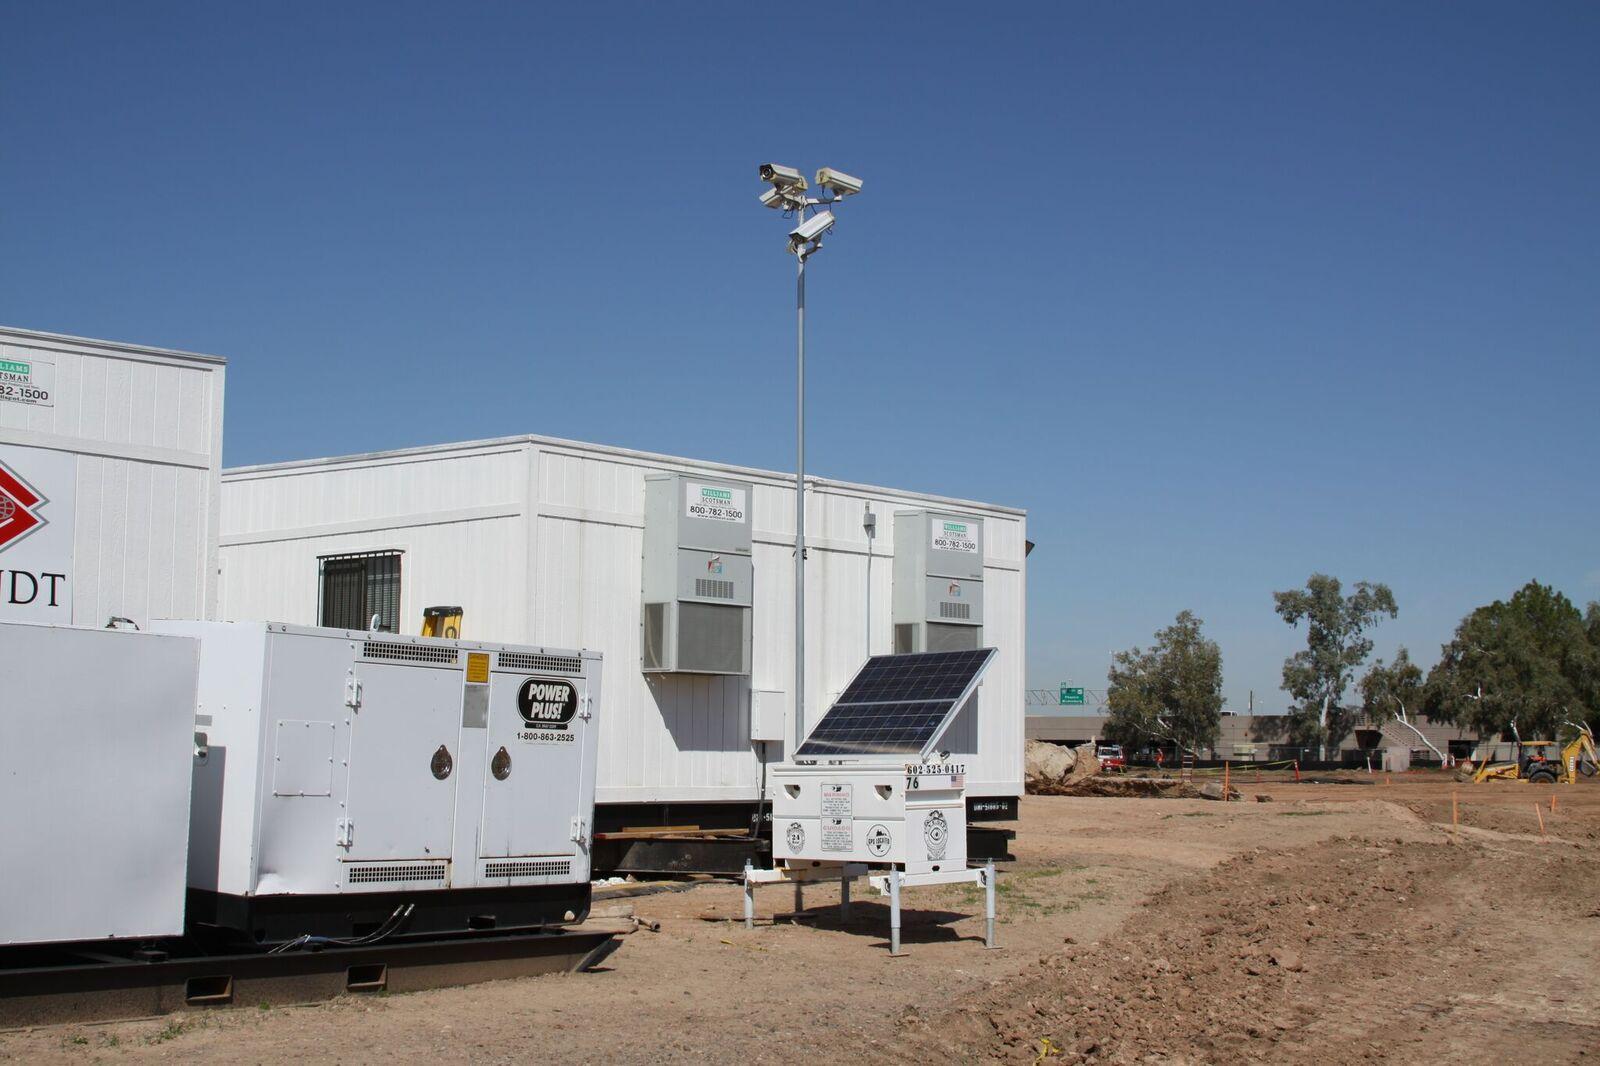 Eyesites mobile surveillance setup on a construction site